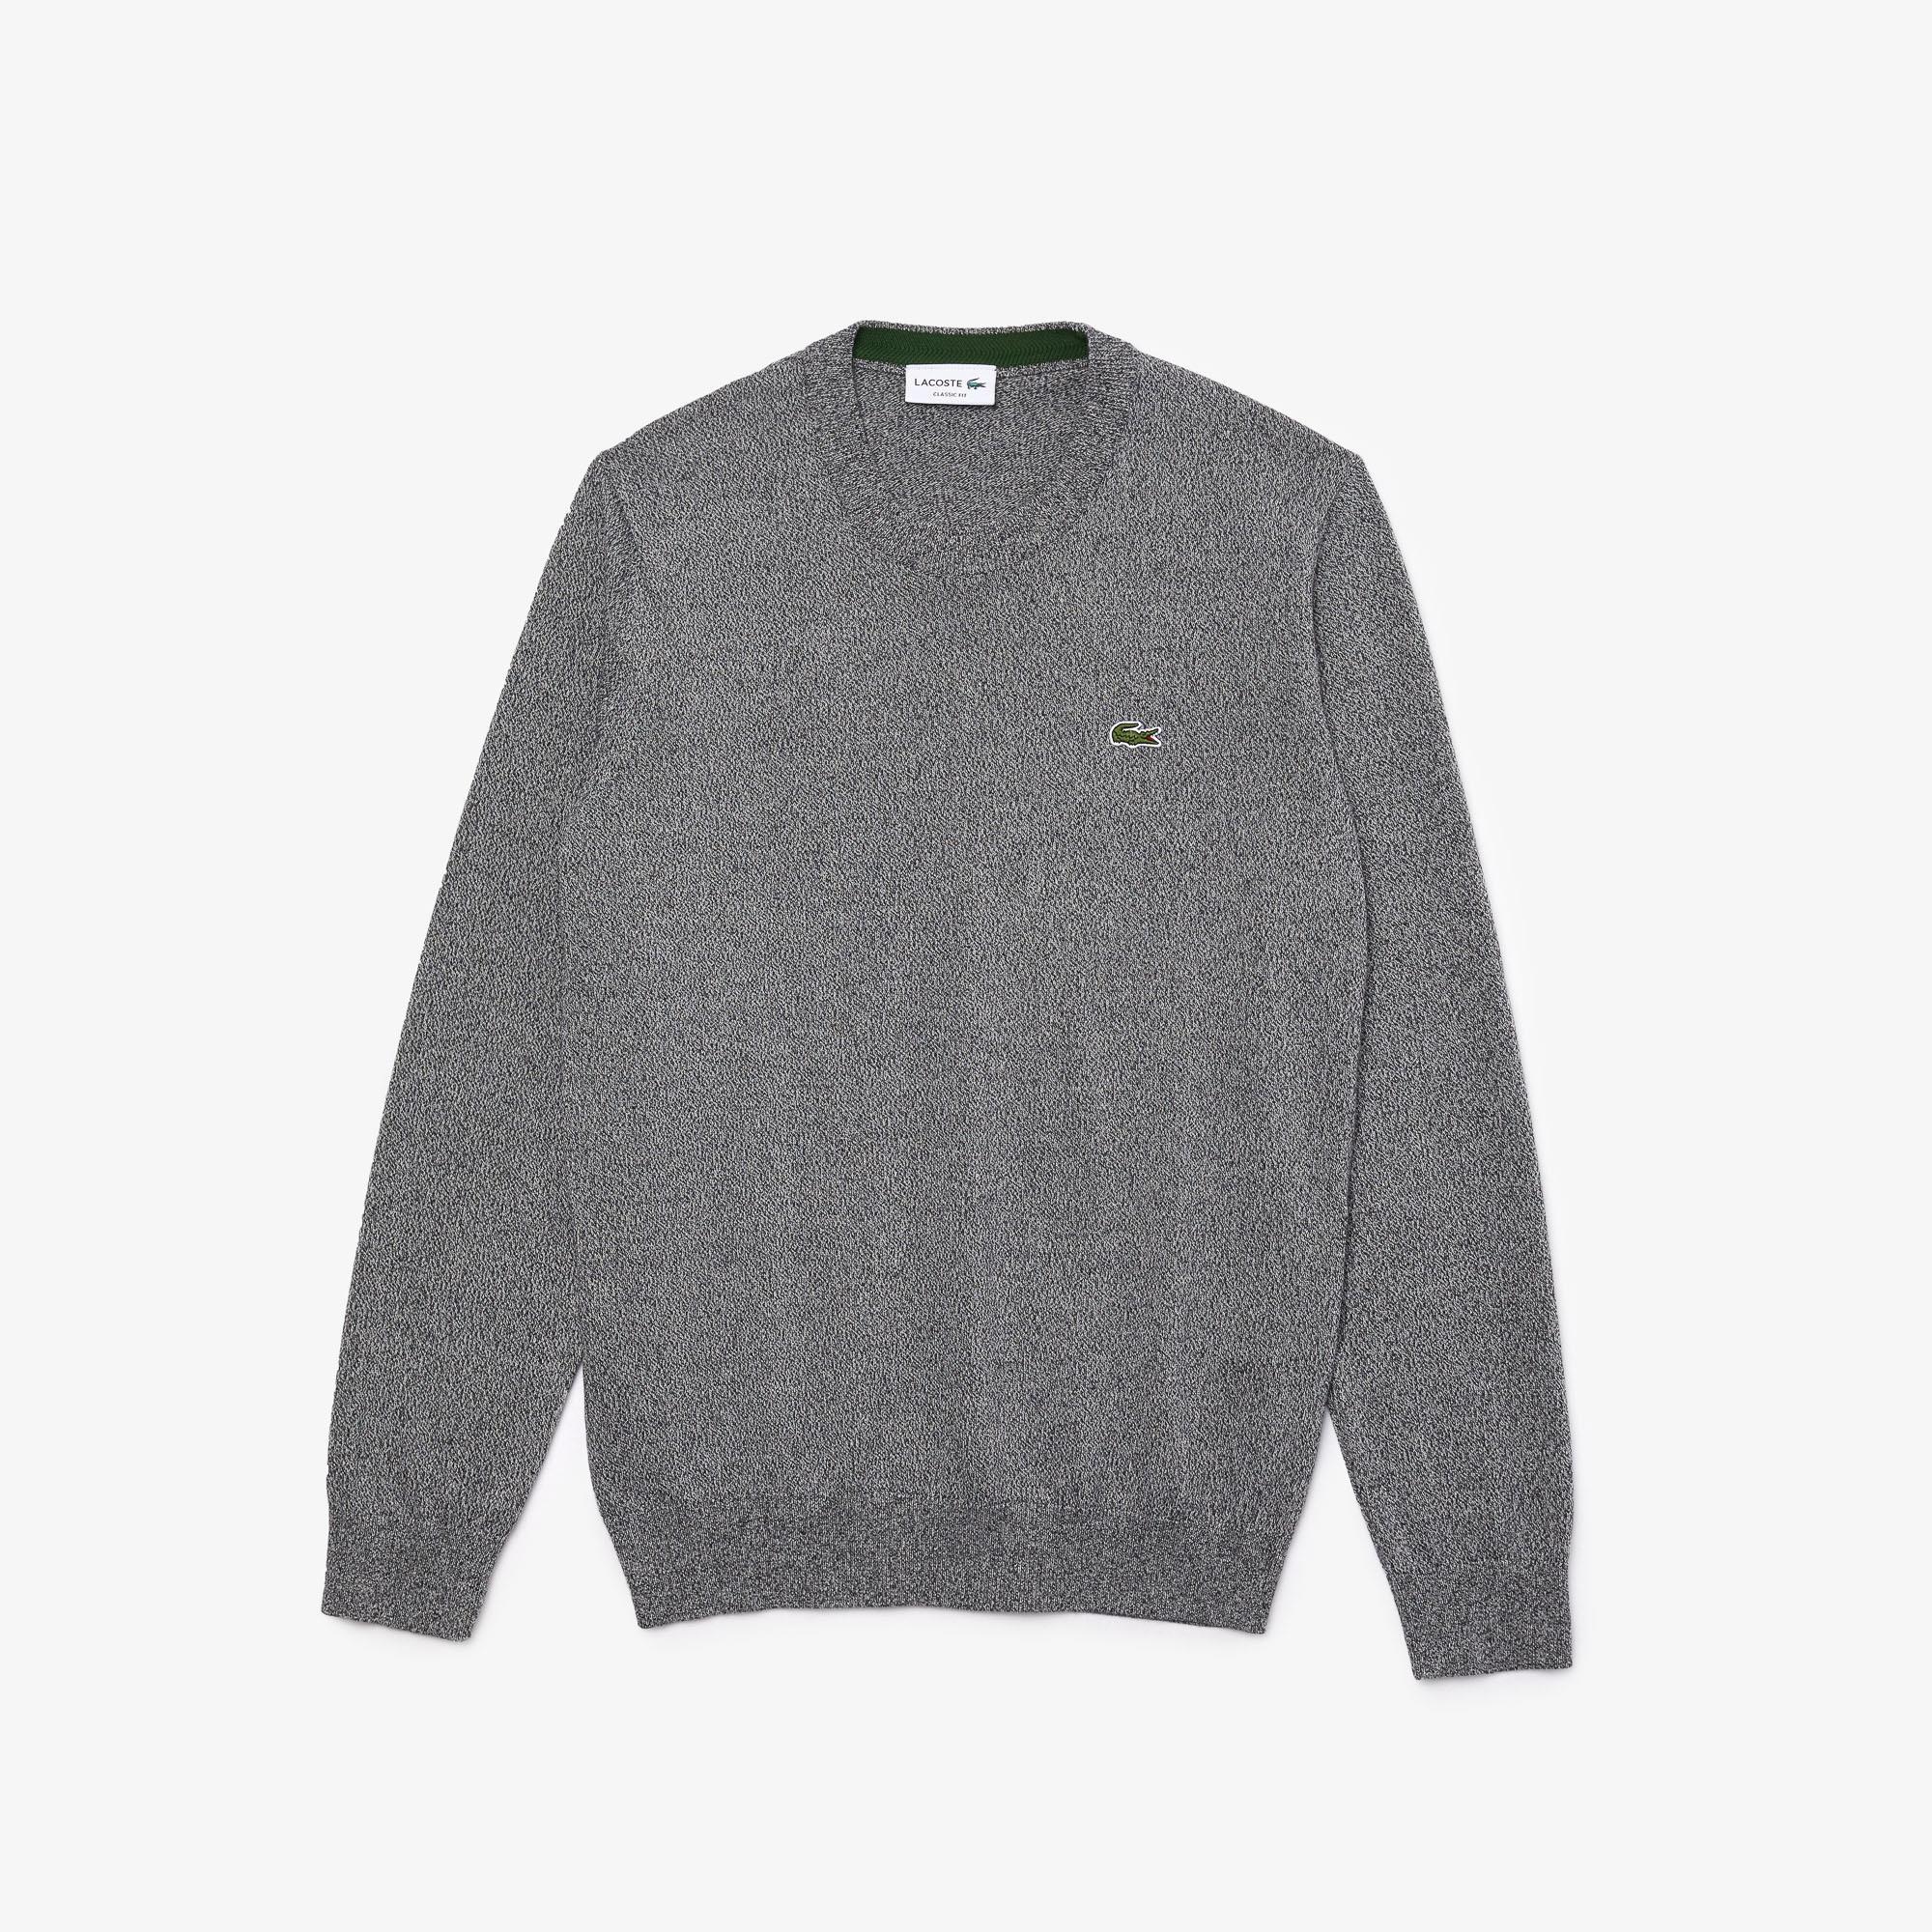 Lacoste Męski Sweter Z Bawełny Organicznej Z Okrągłym Wycięciem Pod Szyją